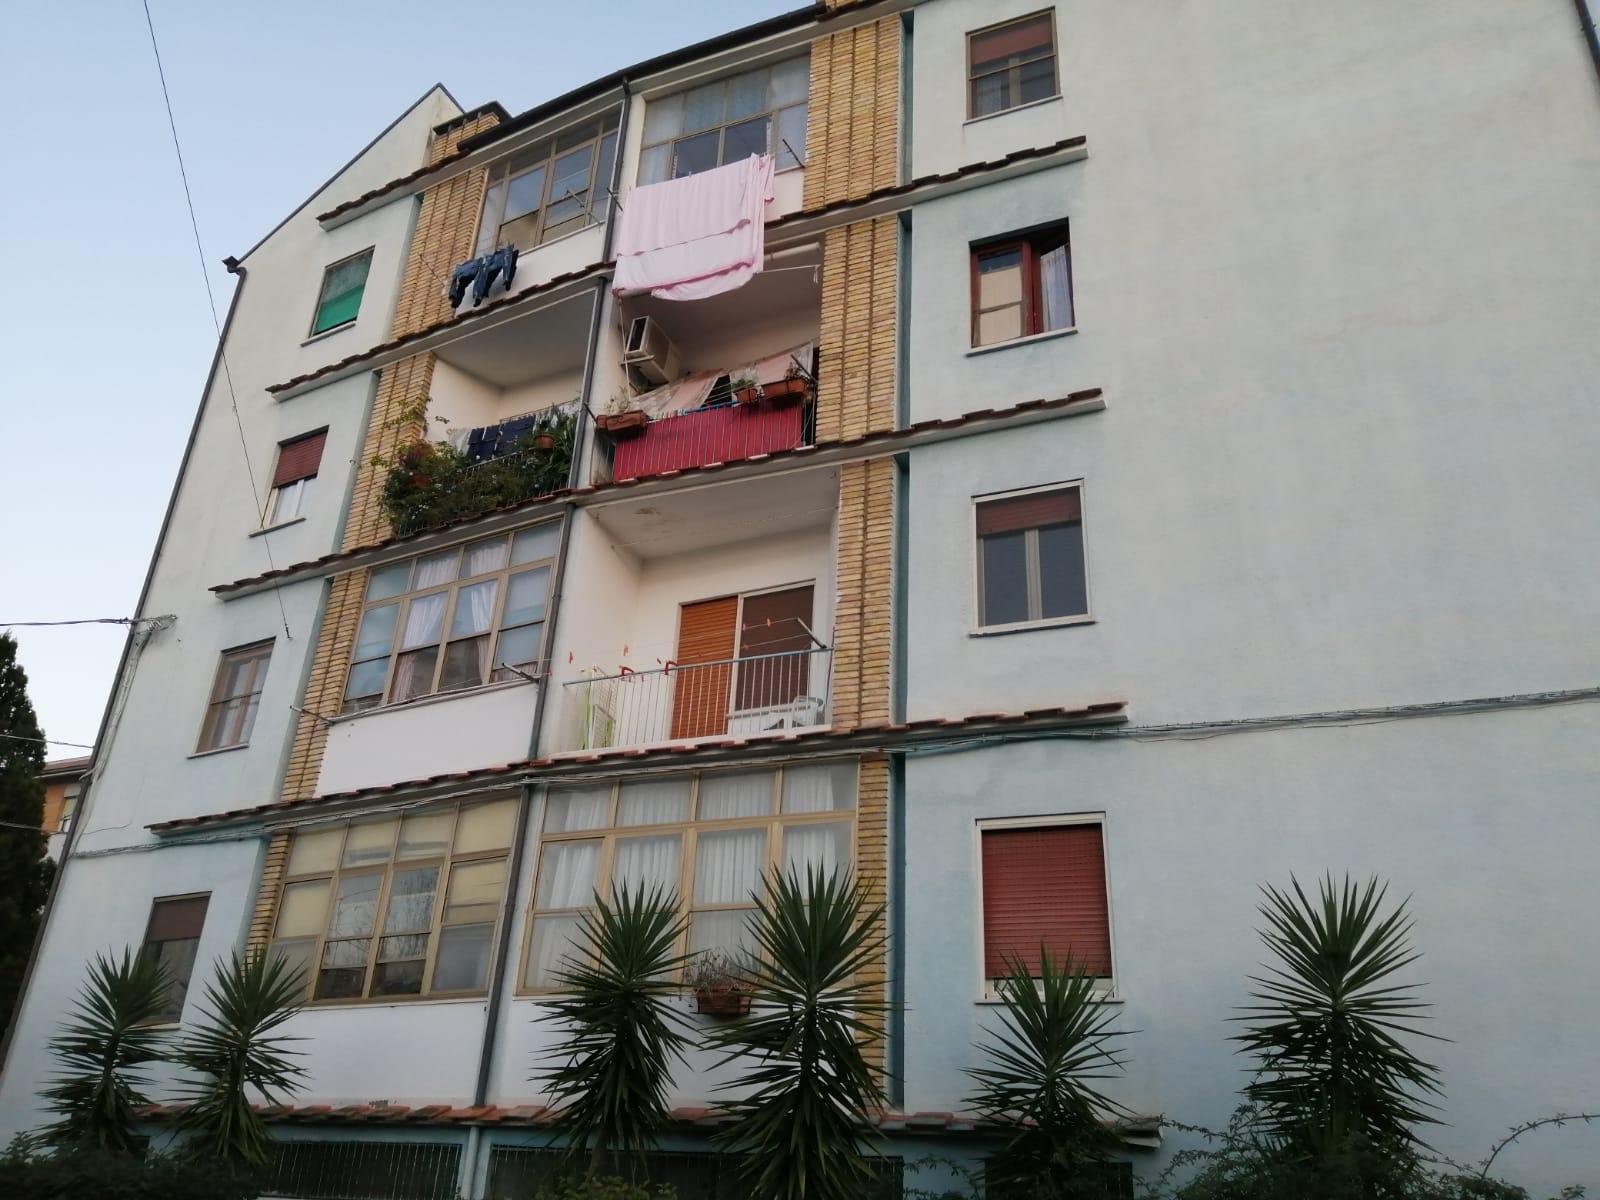 in affitto Via Pescasseroli,25 Chieti (CH)